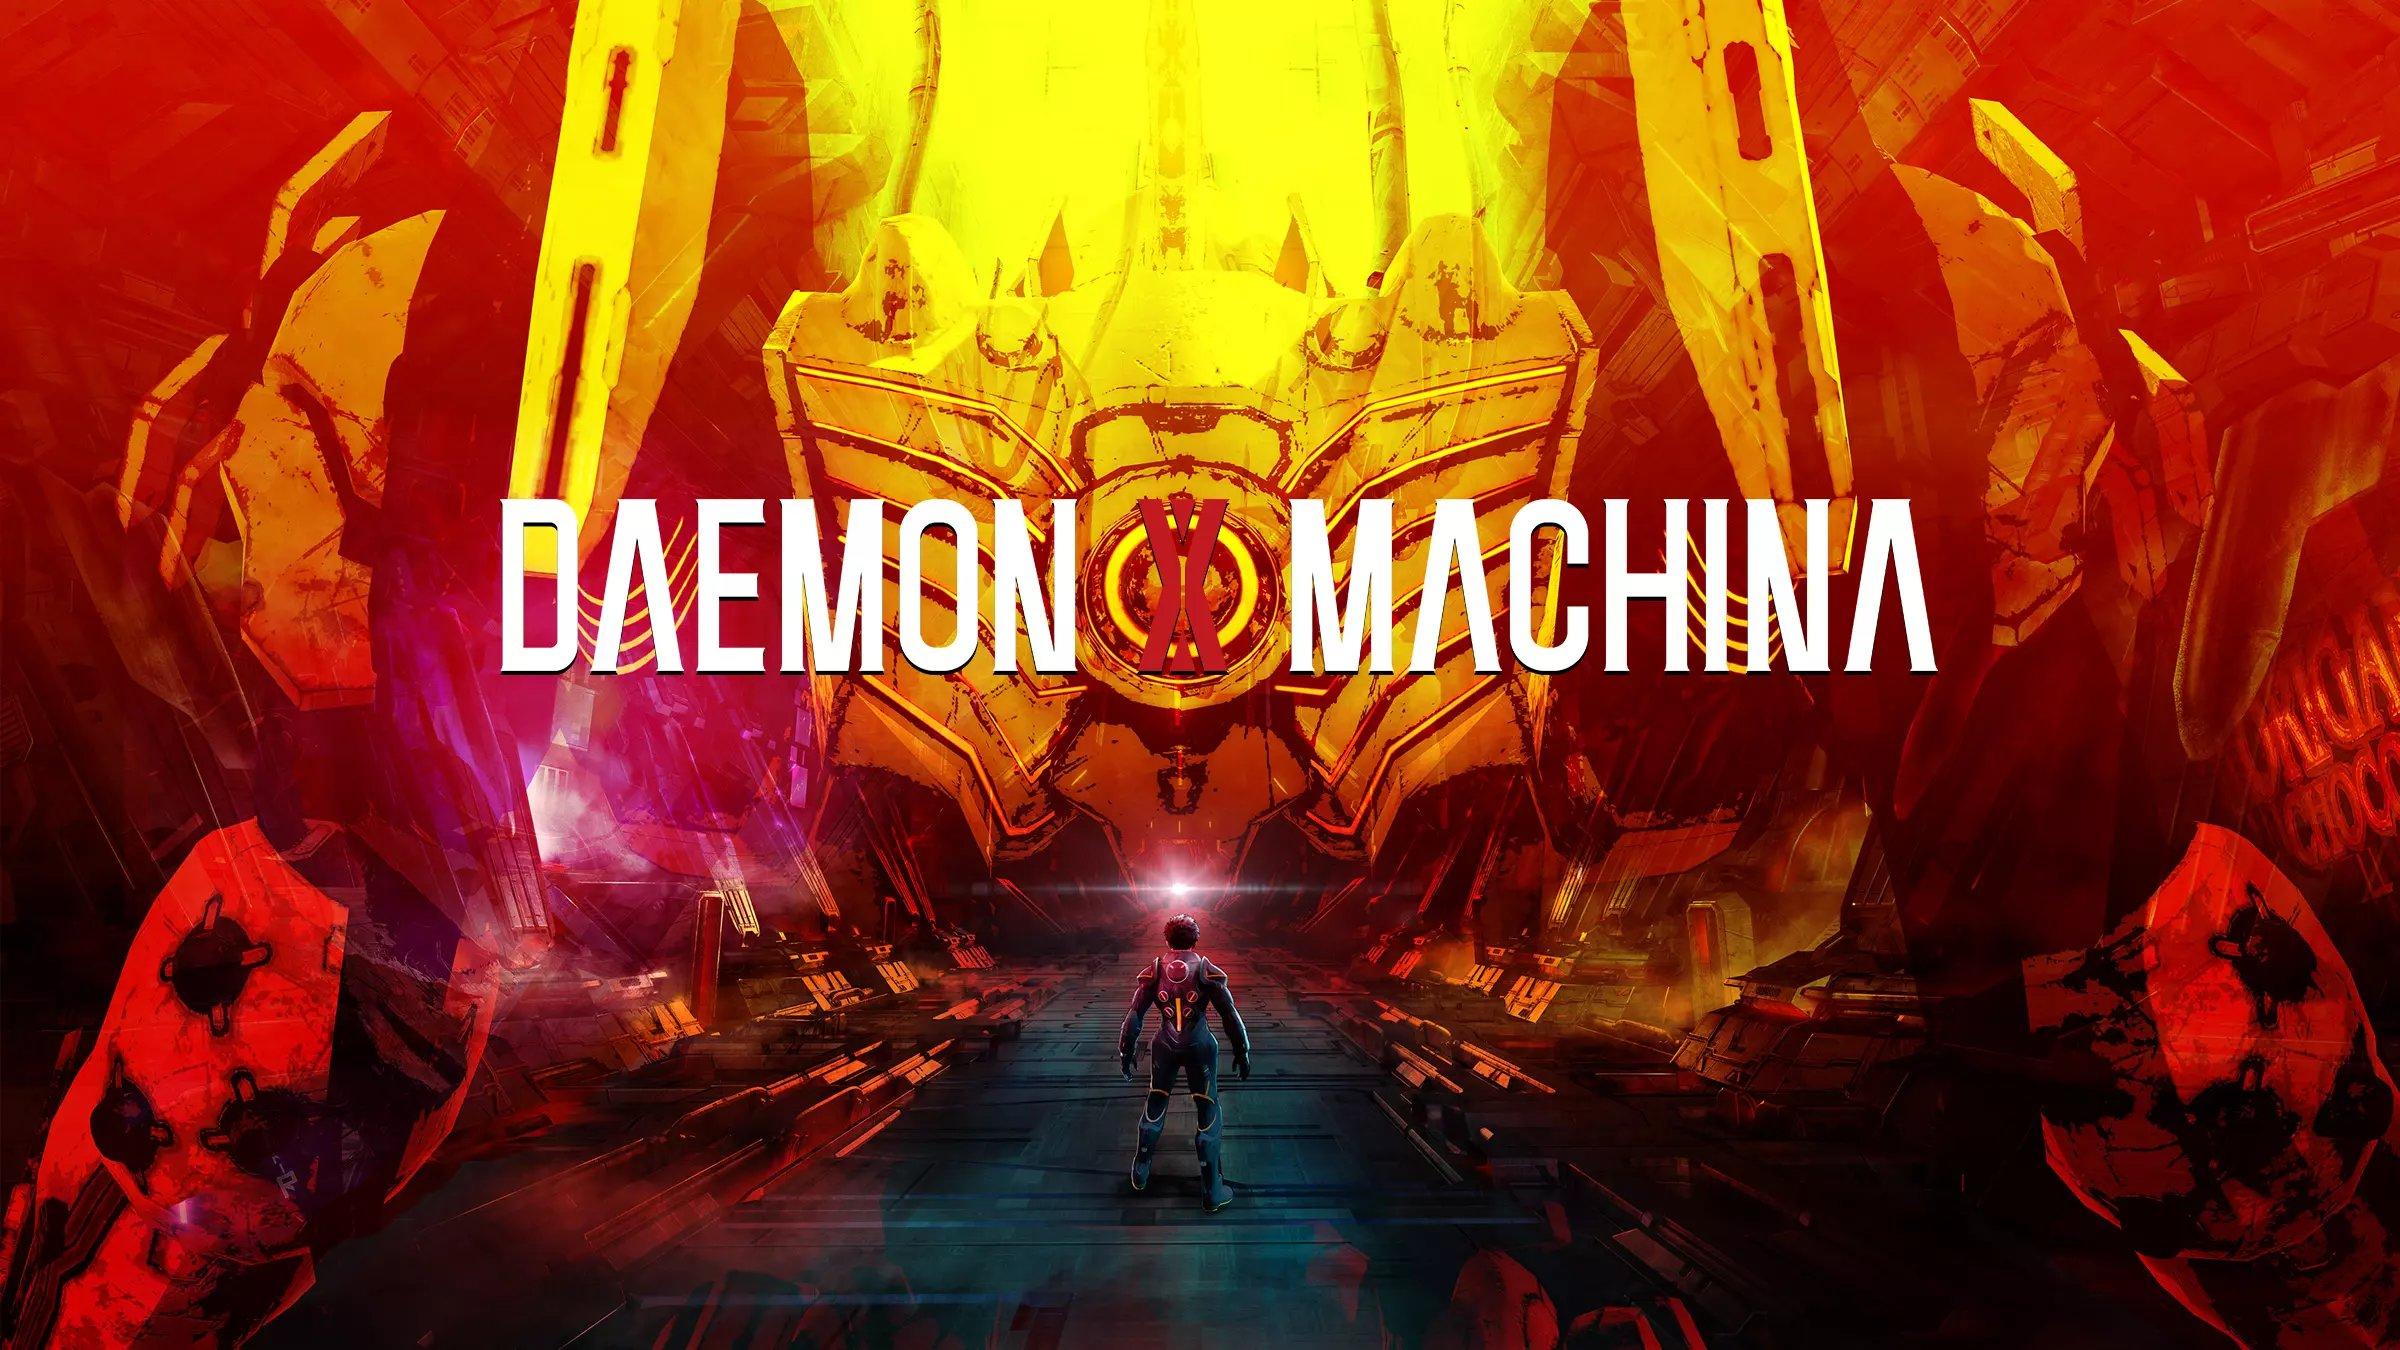 【悲報】デモンエクスマキナ、対戦モードが実装されるも回復し放題でバランス崩壊してしまう